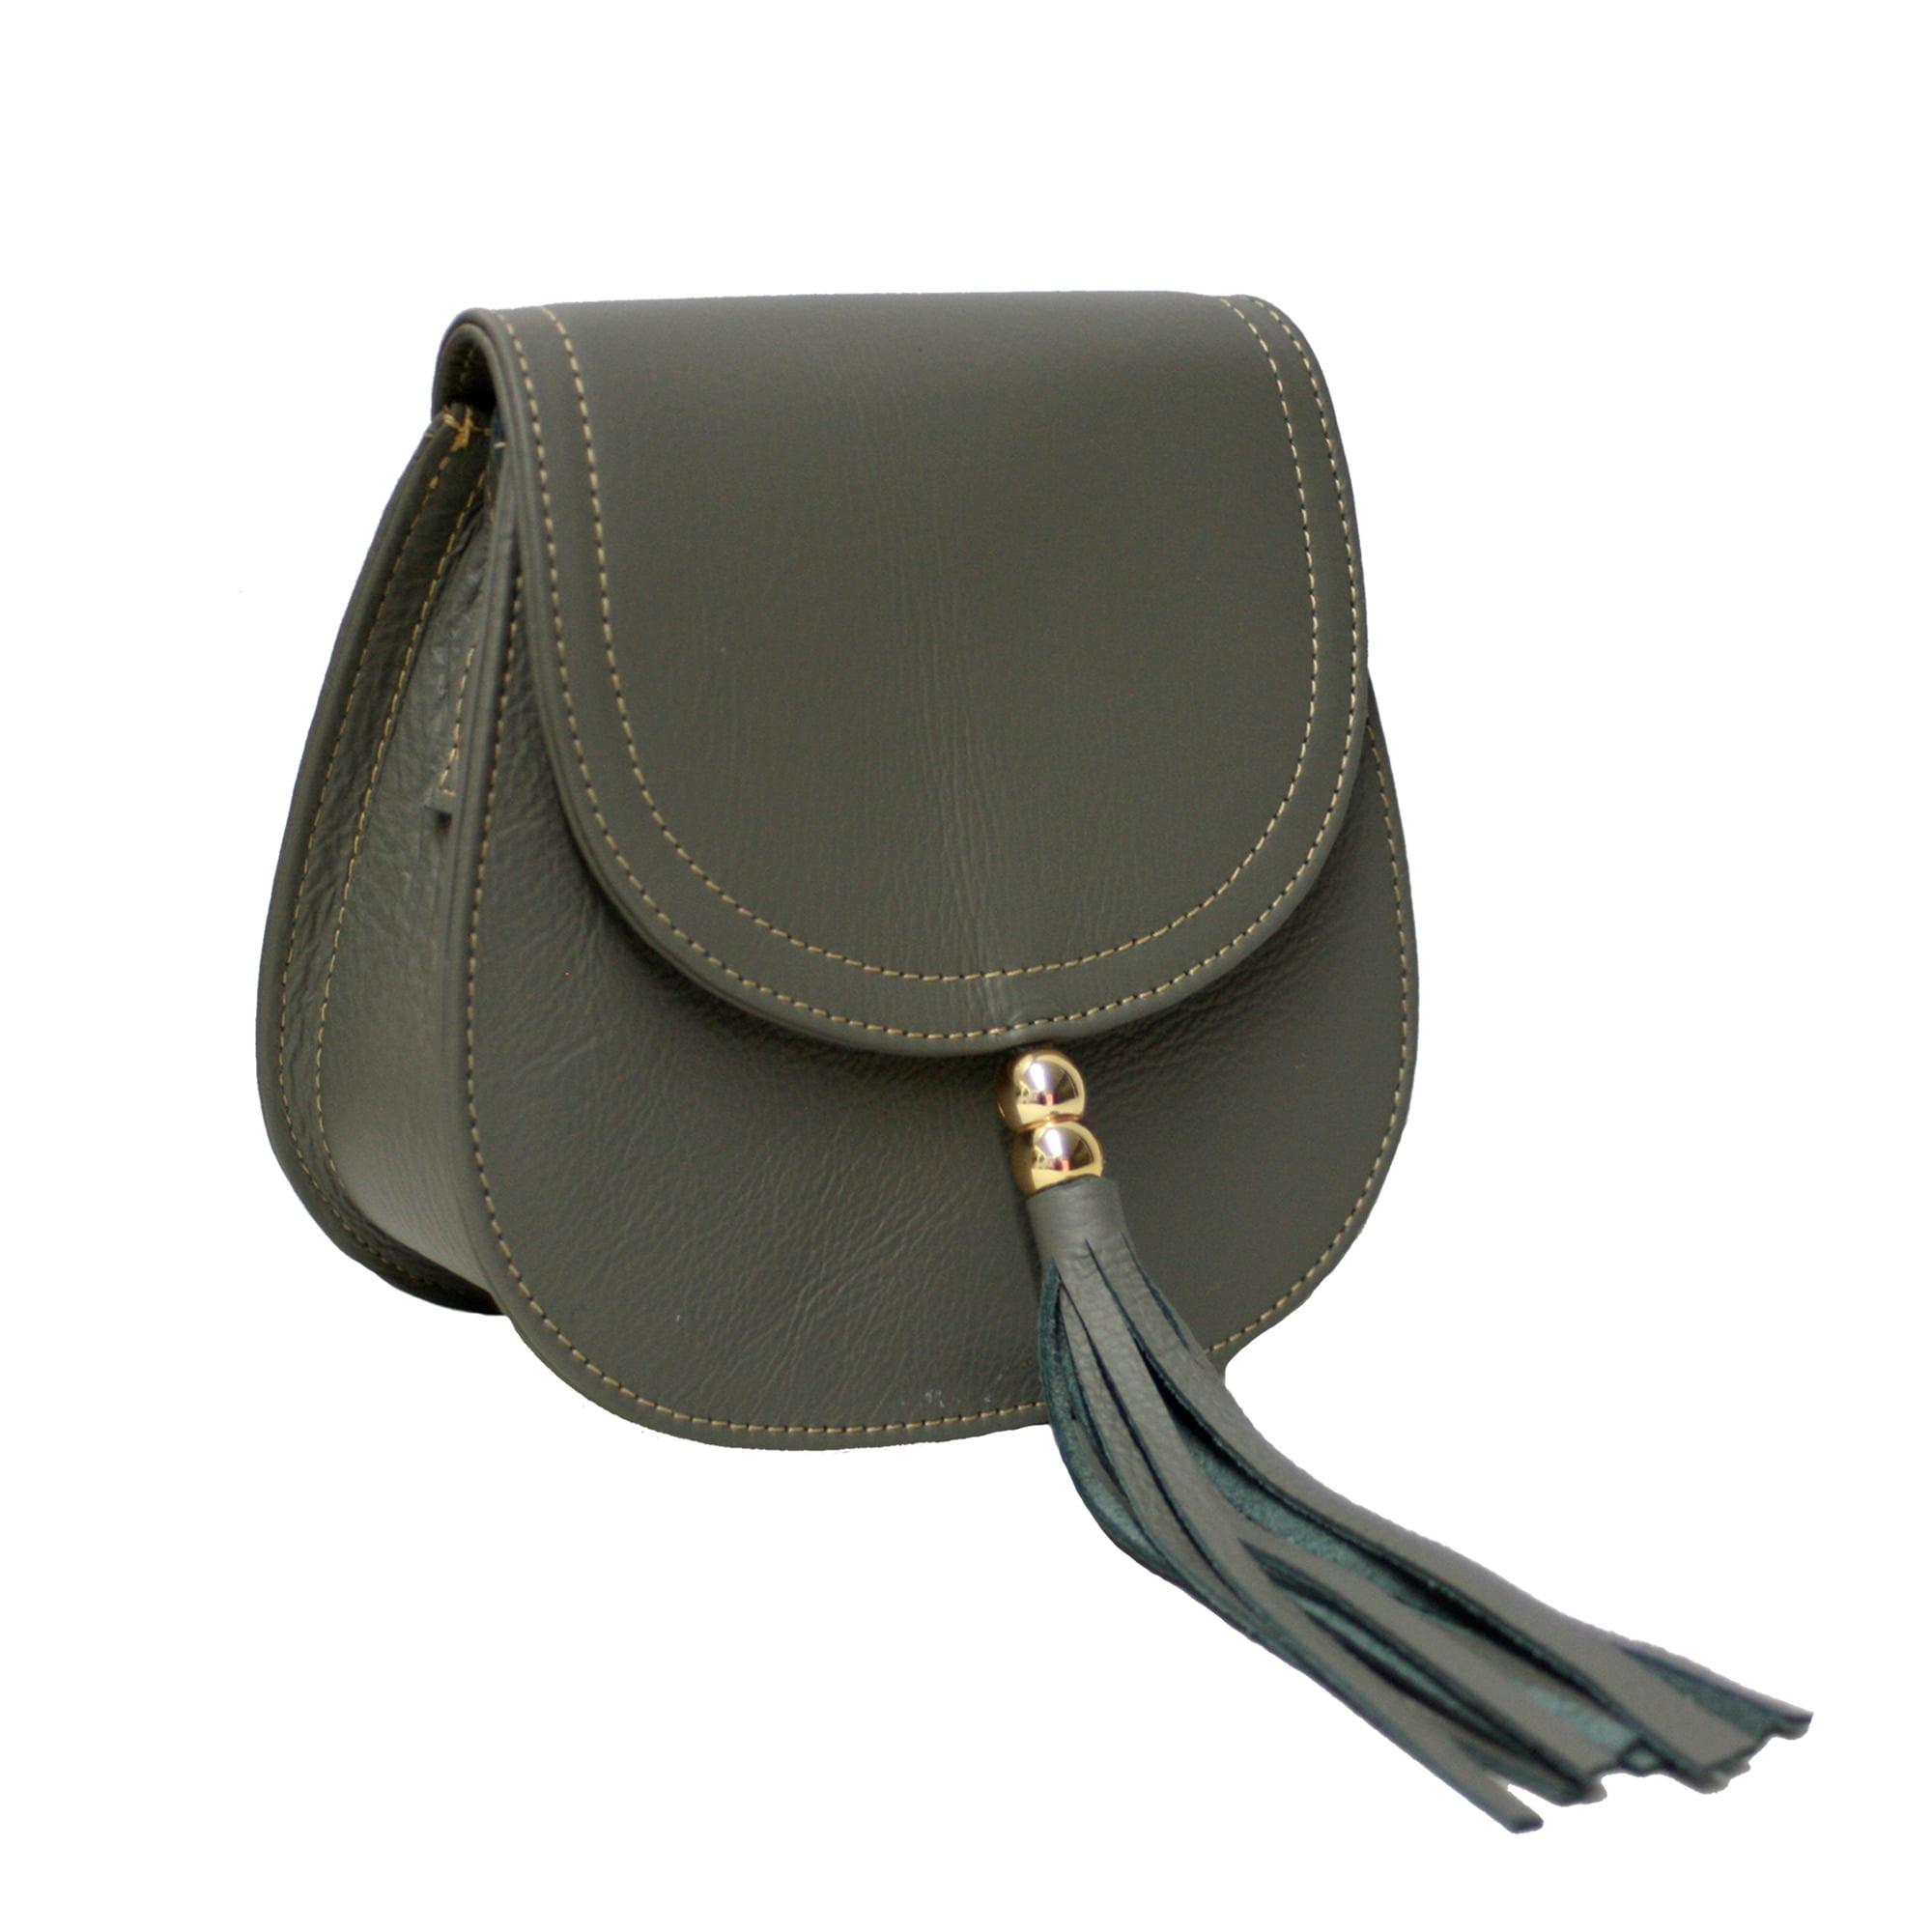 Bolsa de couro estruturada cinza Nápoles